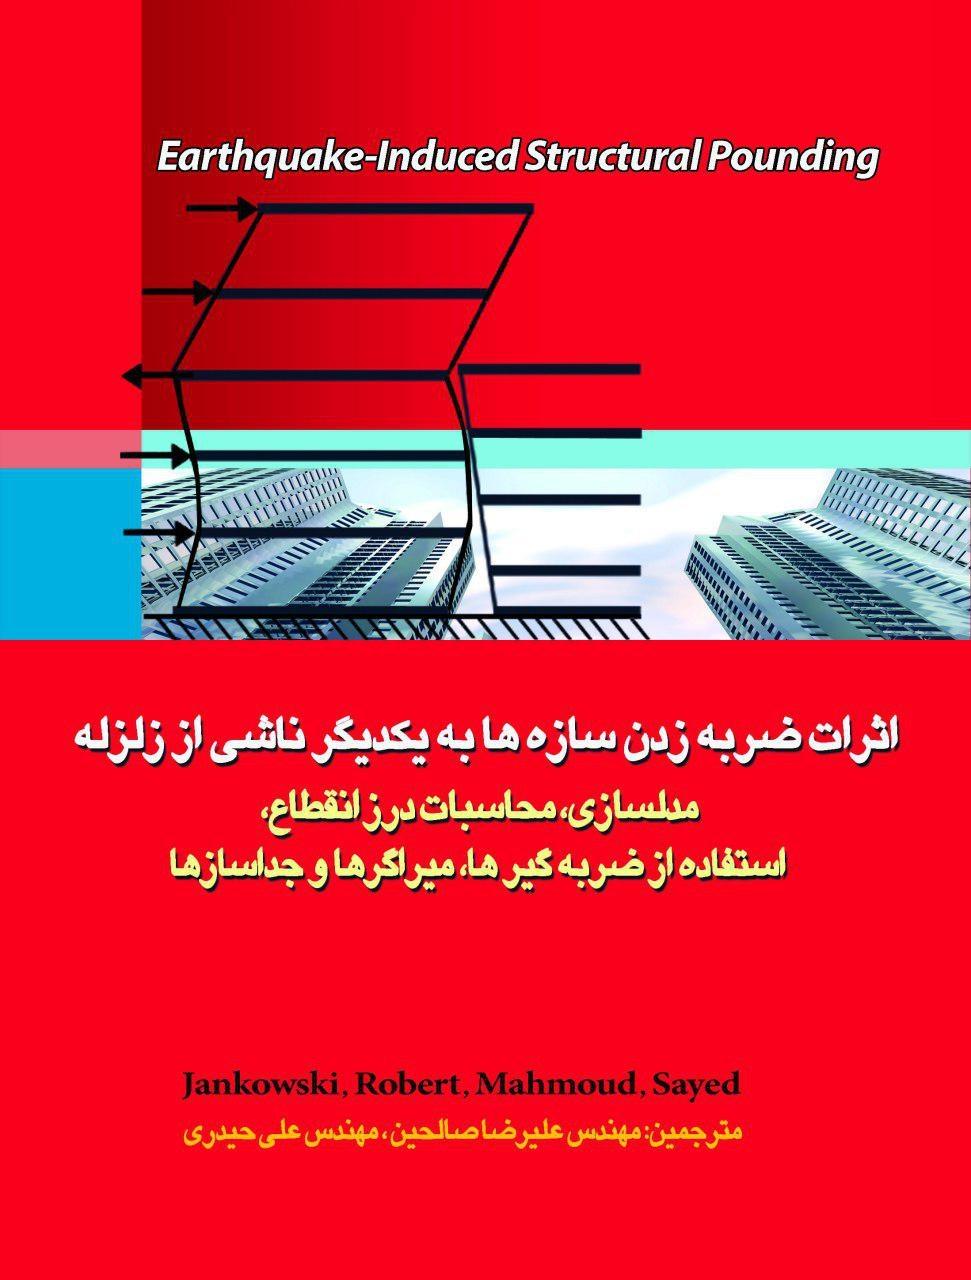 اثرات ضربه زدن سازه ها به یکدیگر ناشی از زلزله